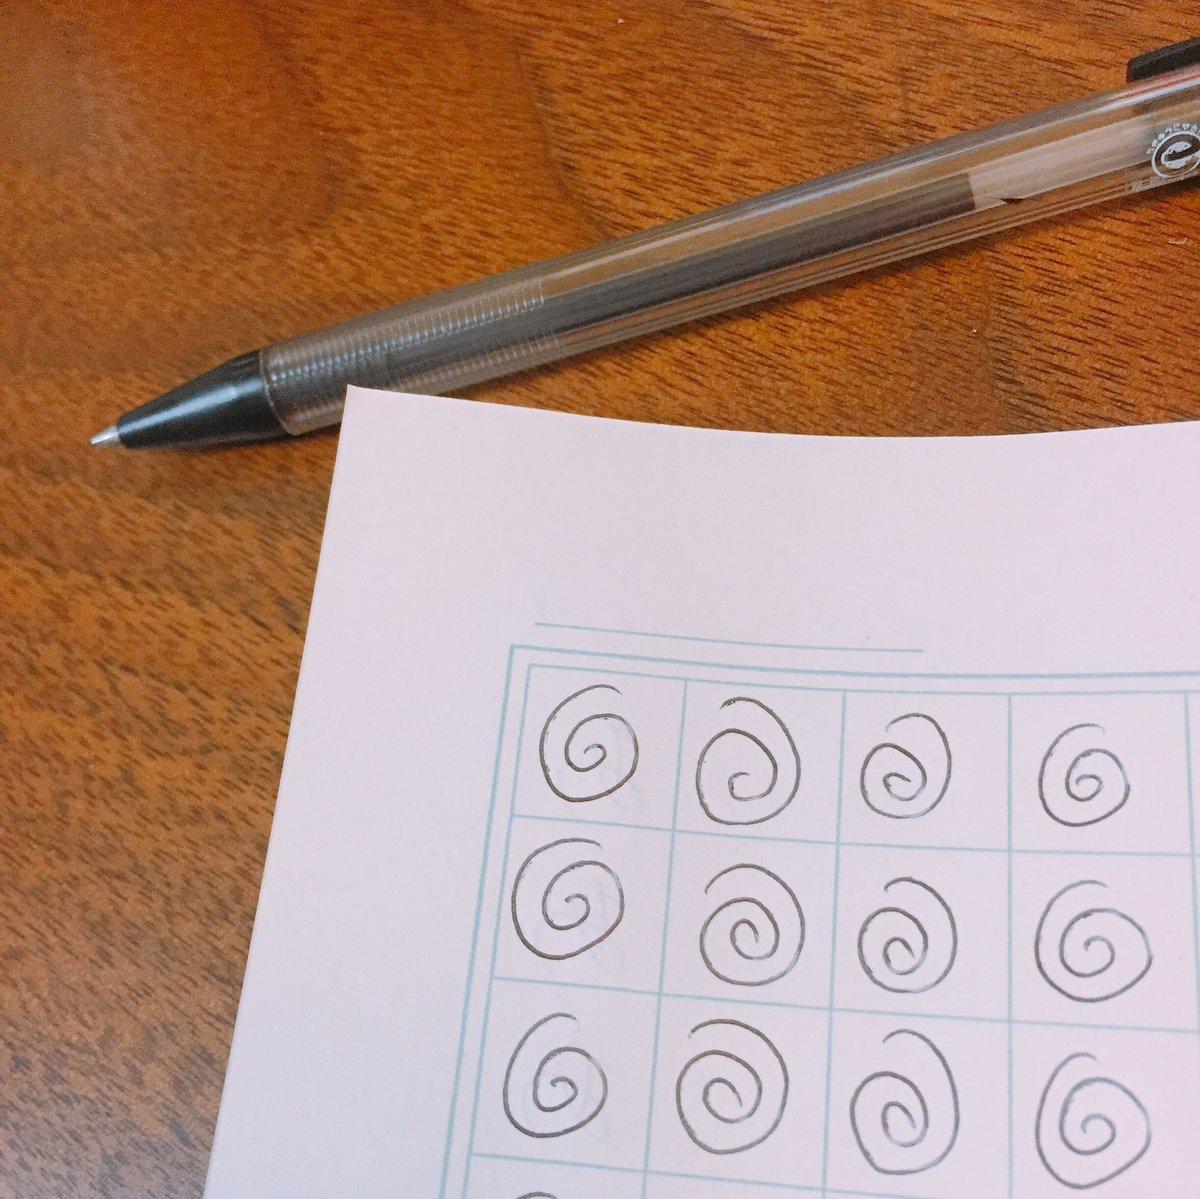 「二重渦巻きを右回り左回り均等に丸く書けるスピードと丸の正確さを指が覚えると平仮名が綺麗に書ける」  ボールペン字の技を教えていただいてその即効性にびっくりしています。